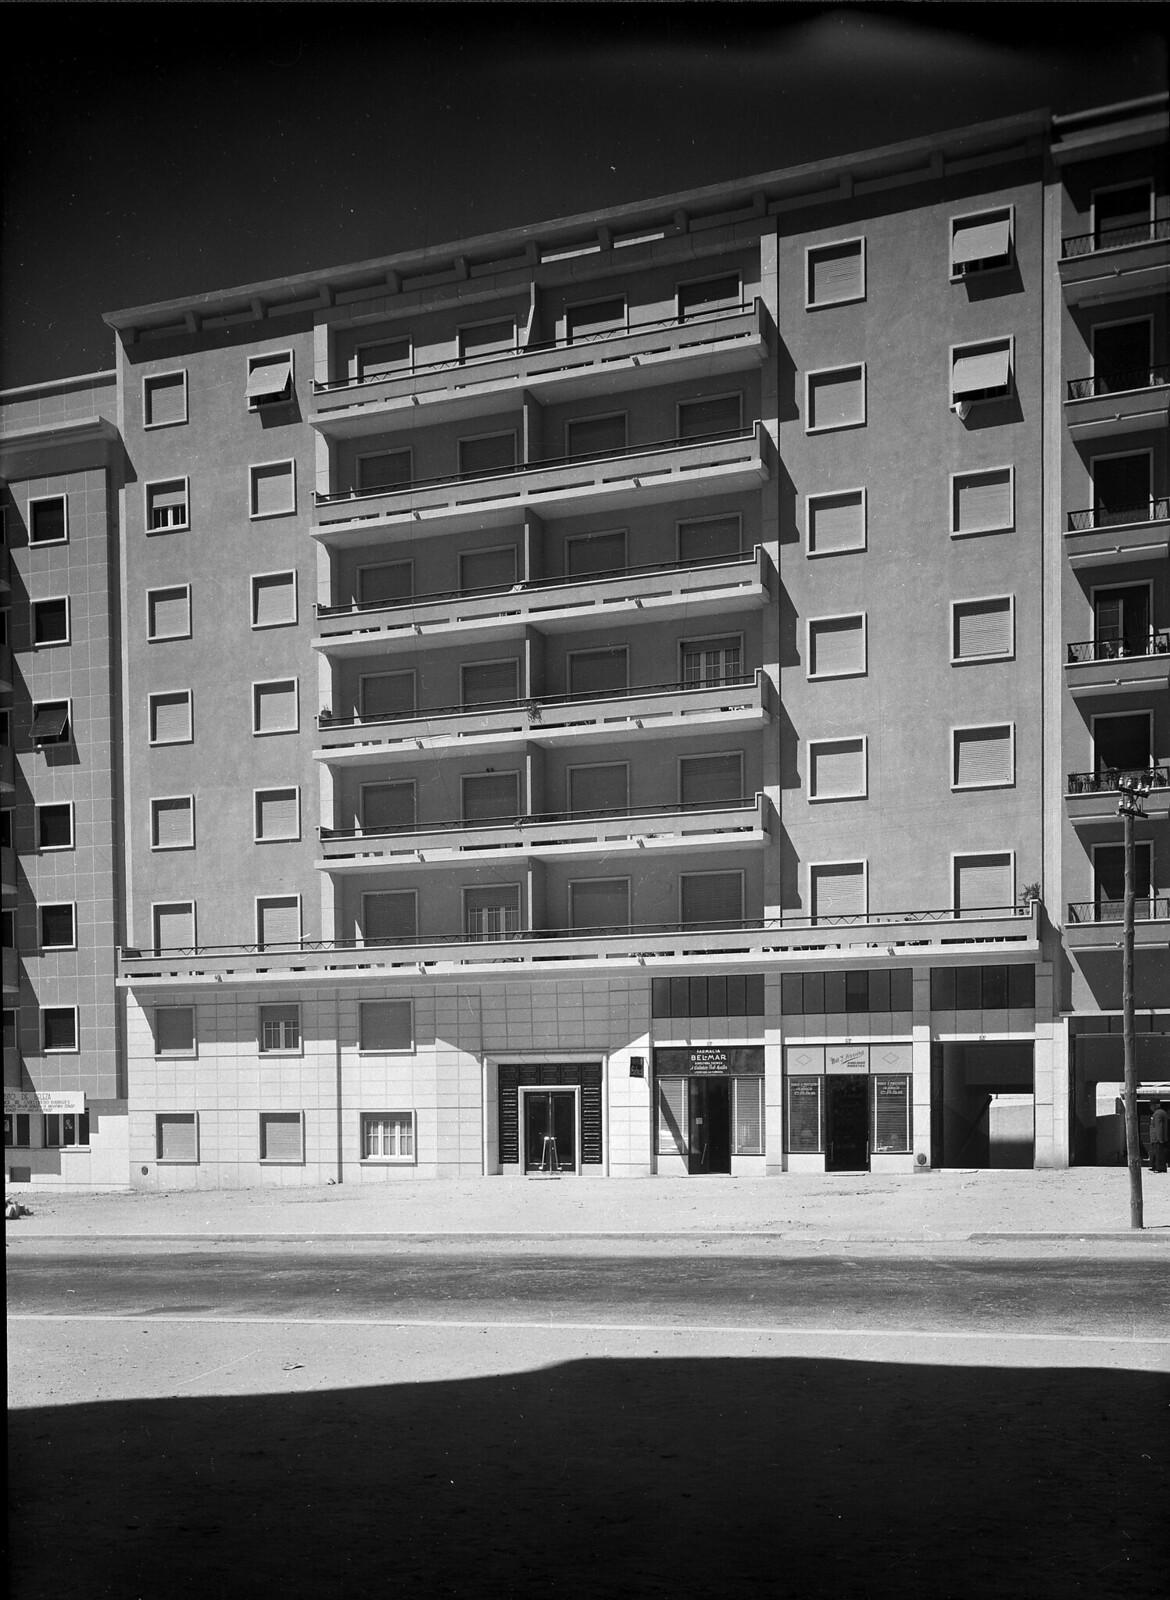 Avenida de Roma, 53, Lisboa (M. Novais, c. 1950)